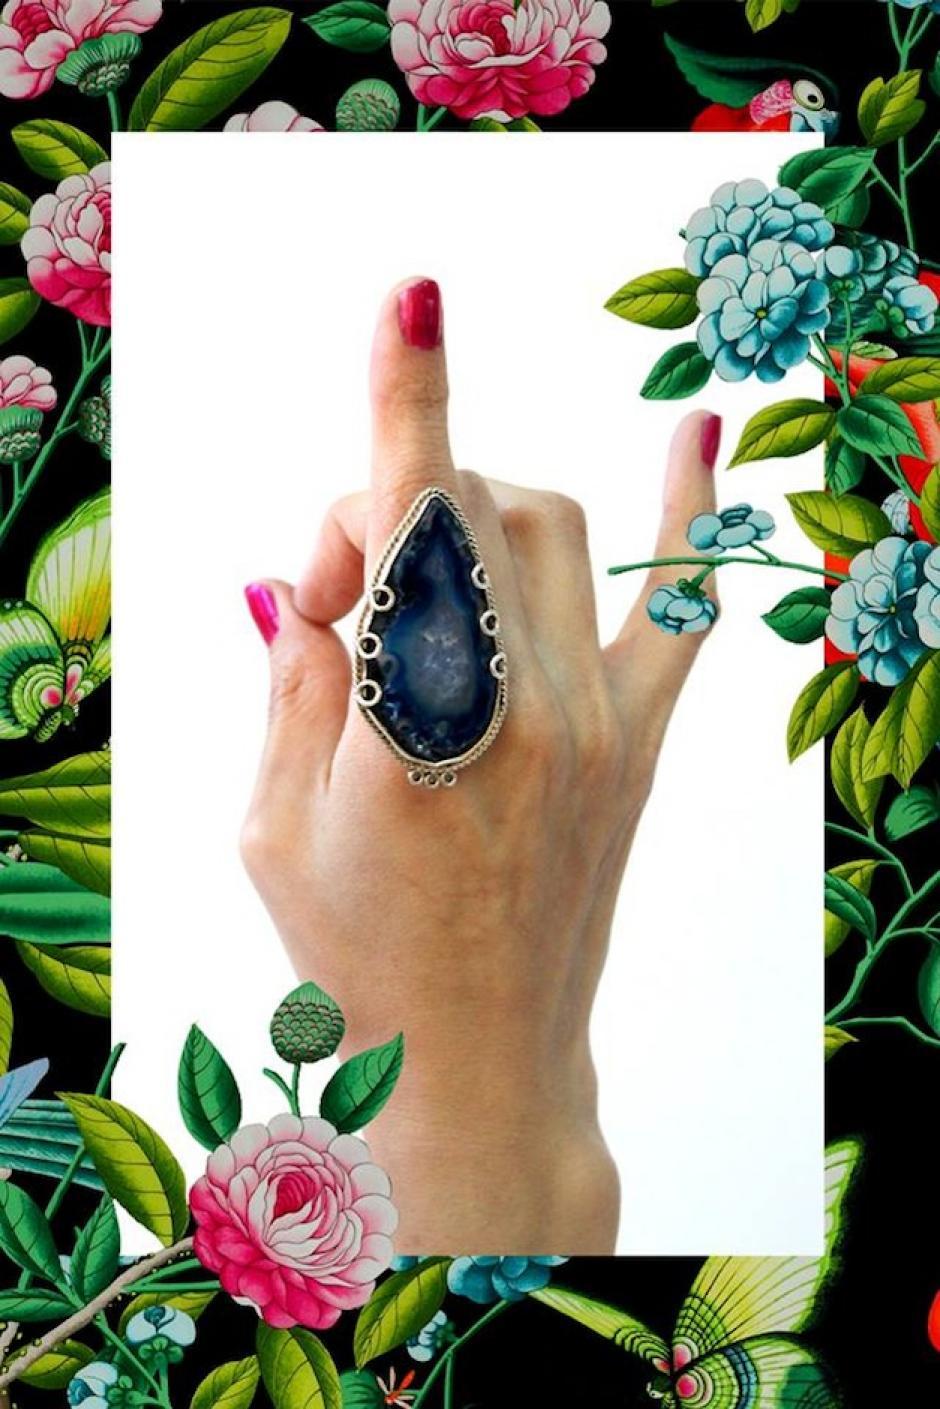 """El anillo """"Inmensa marea"""" evoca al agua, está compuesto de plata y ágata azul. (Foto: Escarlata oficial)"""